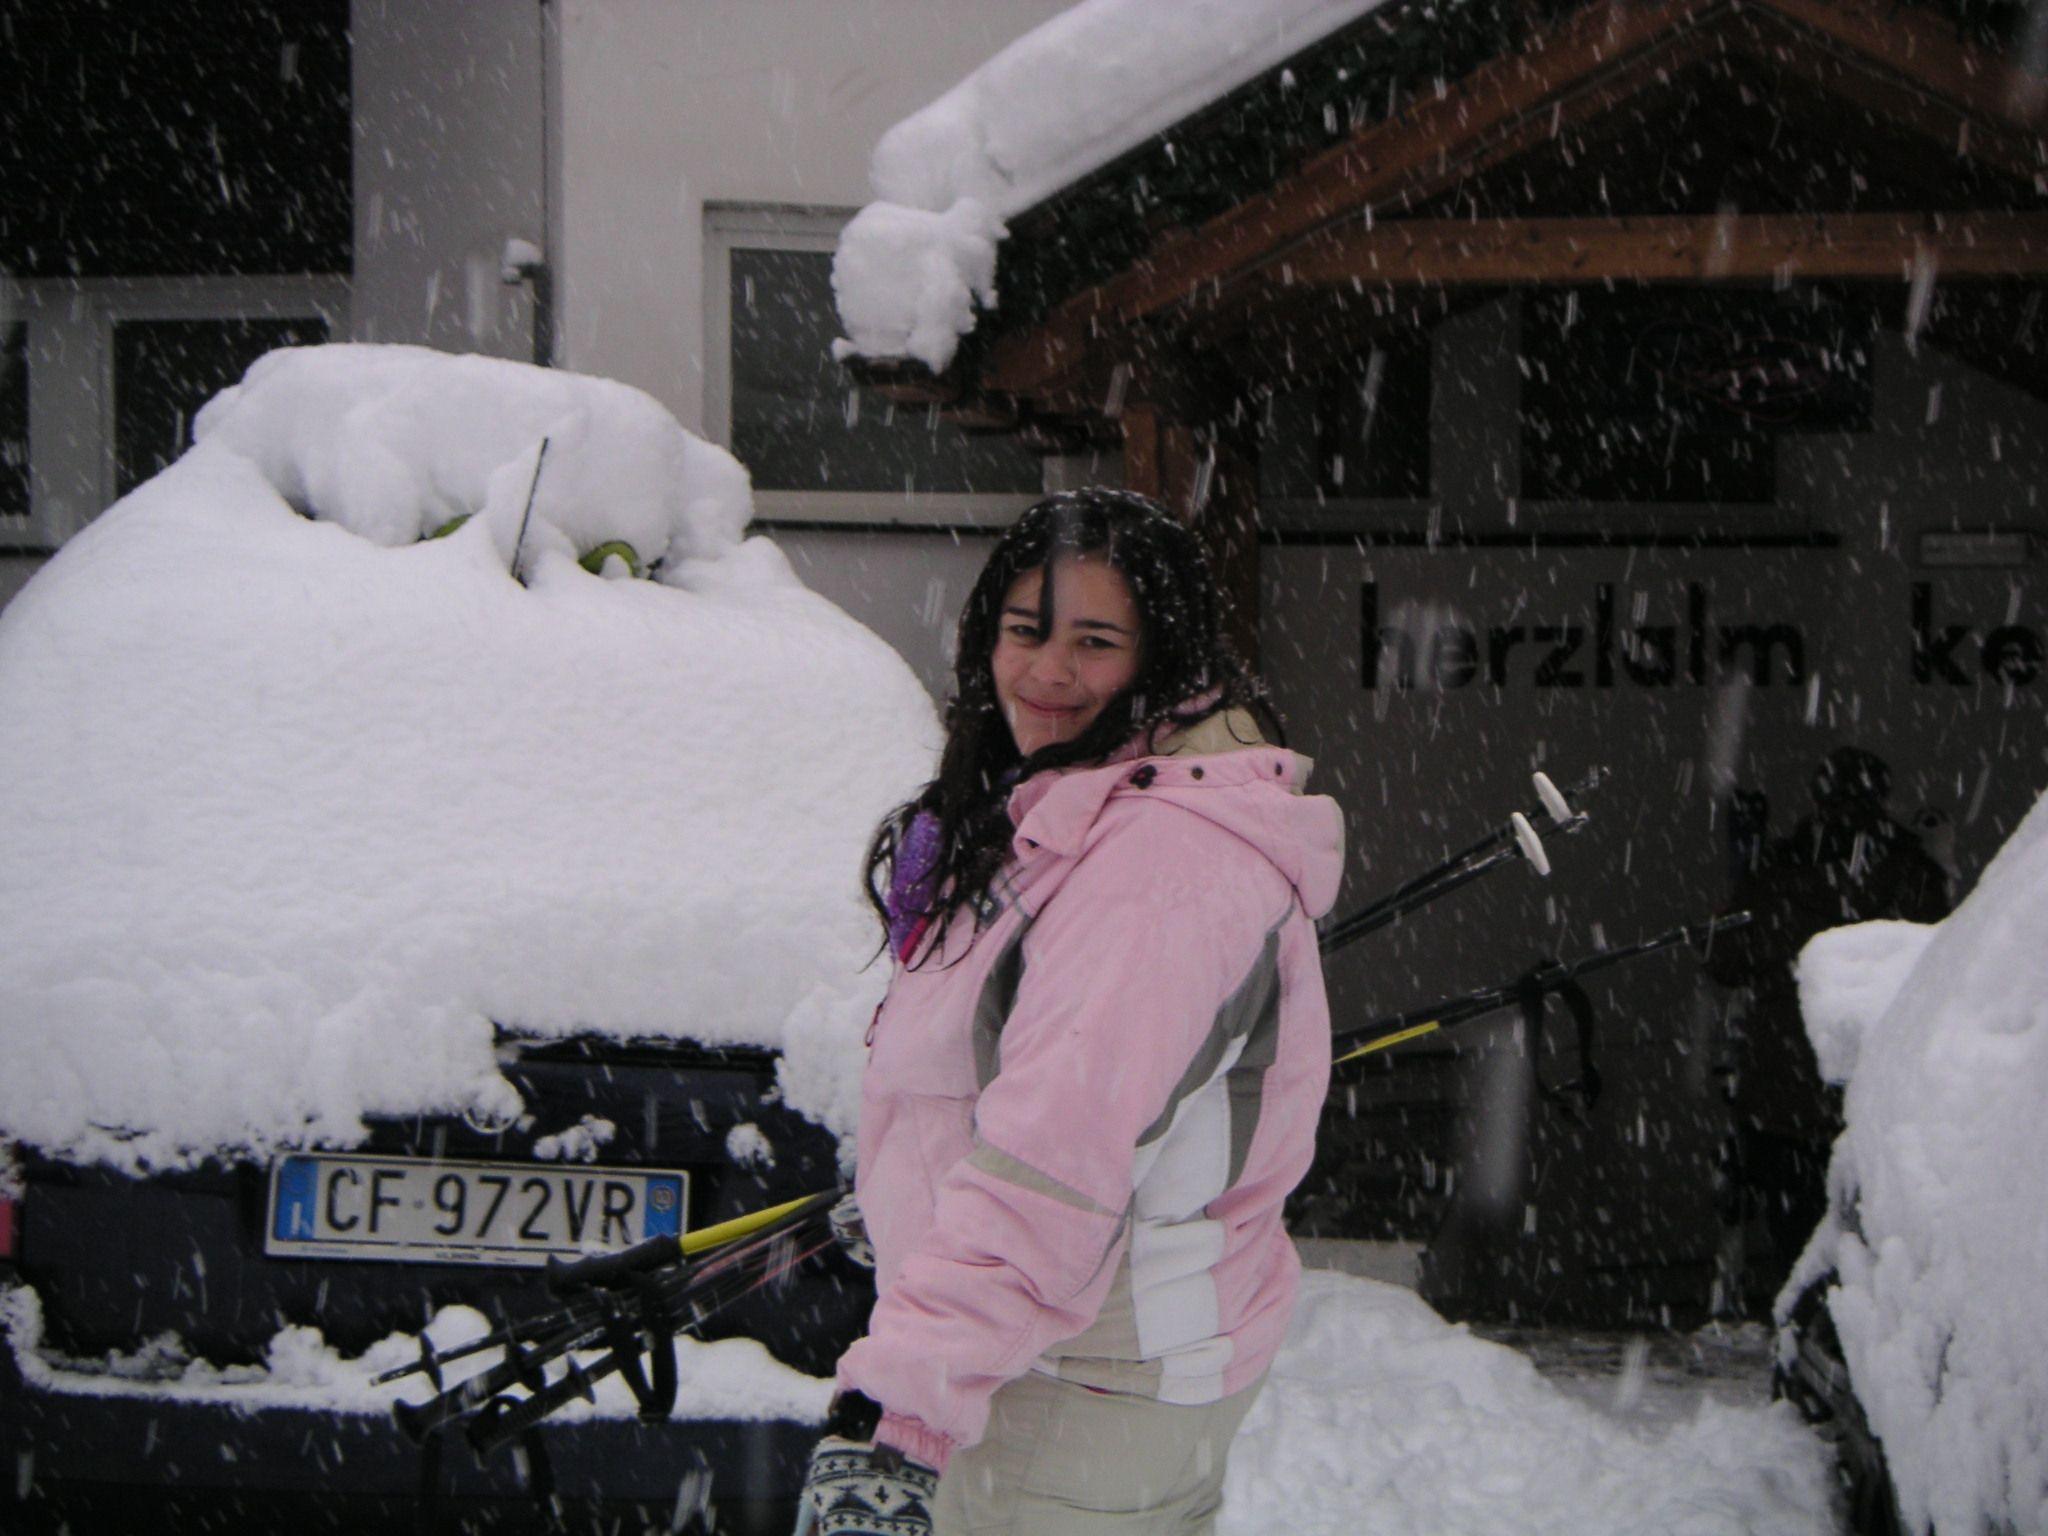 Oggi ultimo giorno dell'estate. L'inverno si avvicina e vorrei vederti di nuovo sulle nevi di Sexten come un tempo.